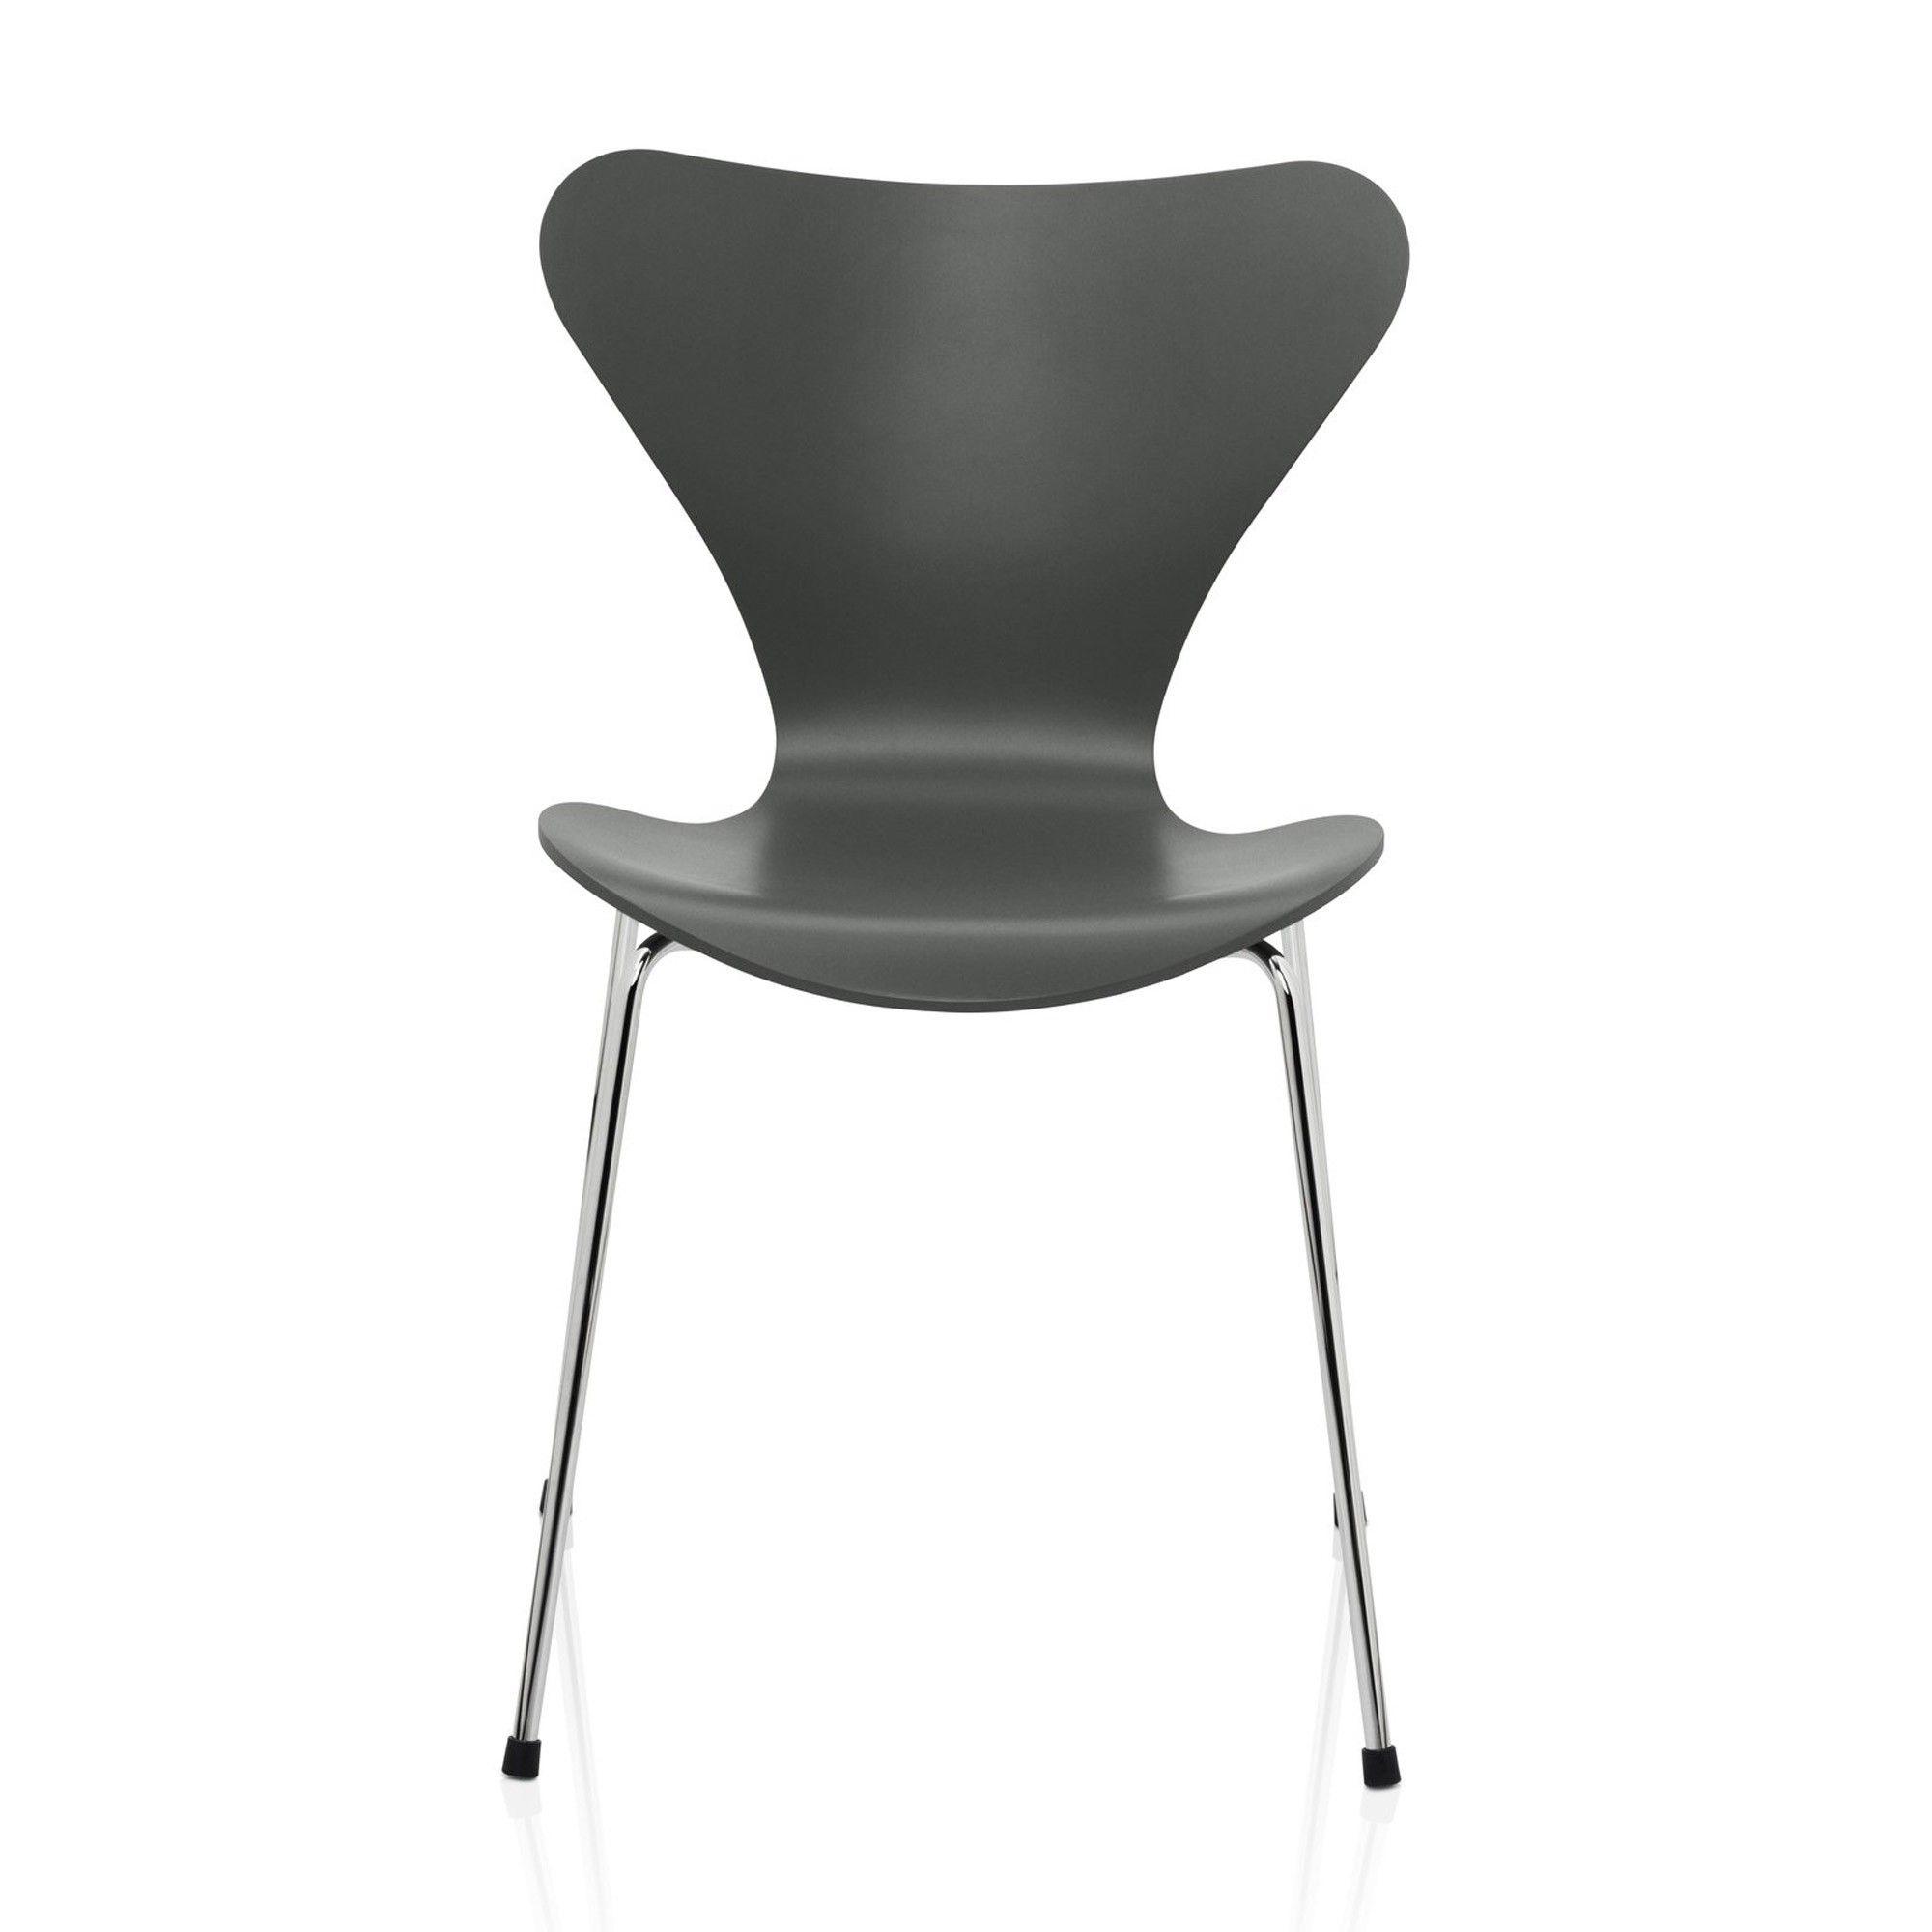 Series 7 Chair Green Chair Chair Diy Chair